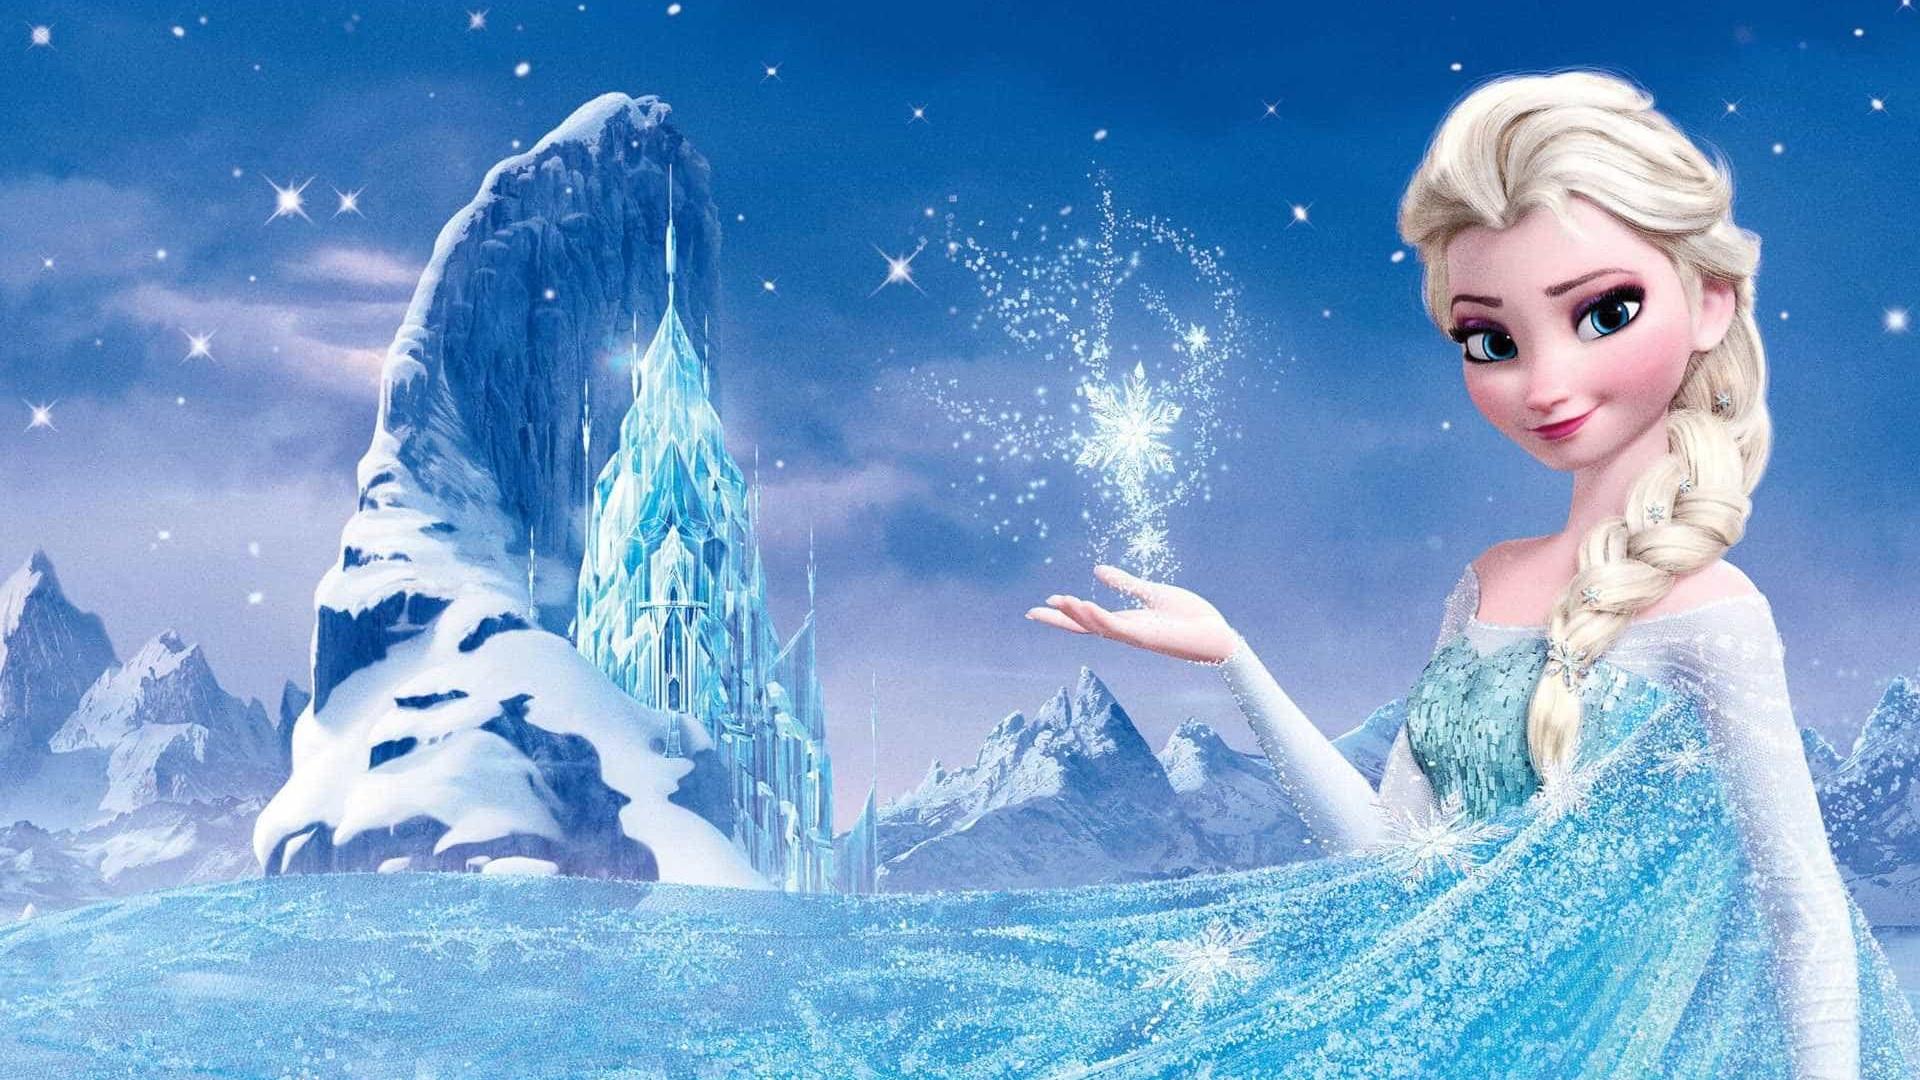 Disney marca para 8 de dezembro estreia do curta de 'Frozen'